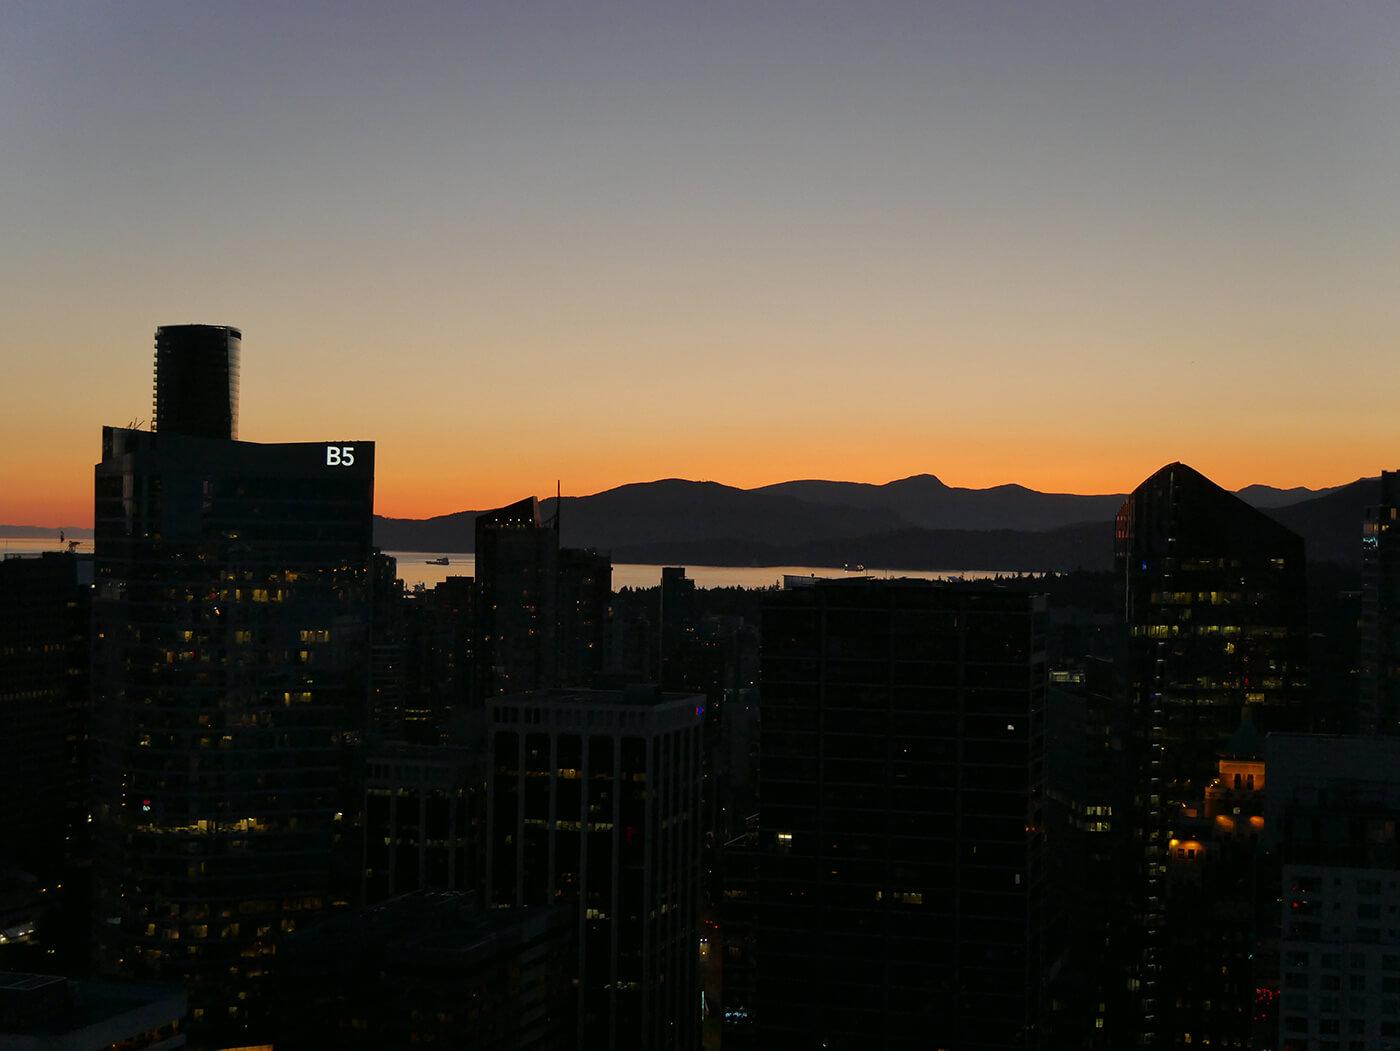 coucher de soleil pris depuis la Tour Look Out de Vancouver